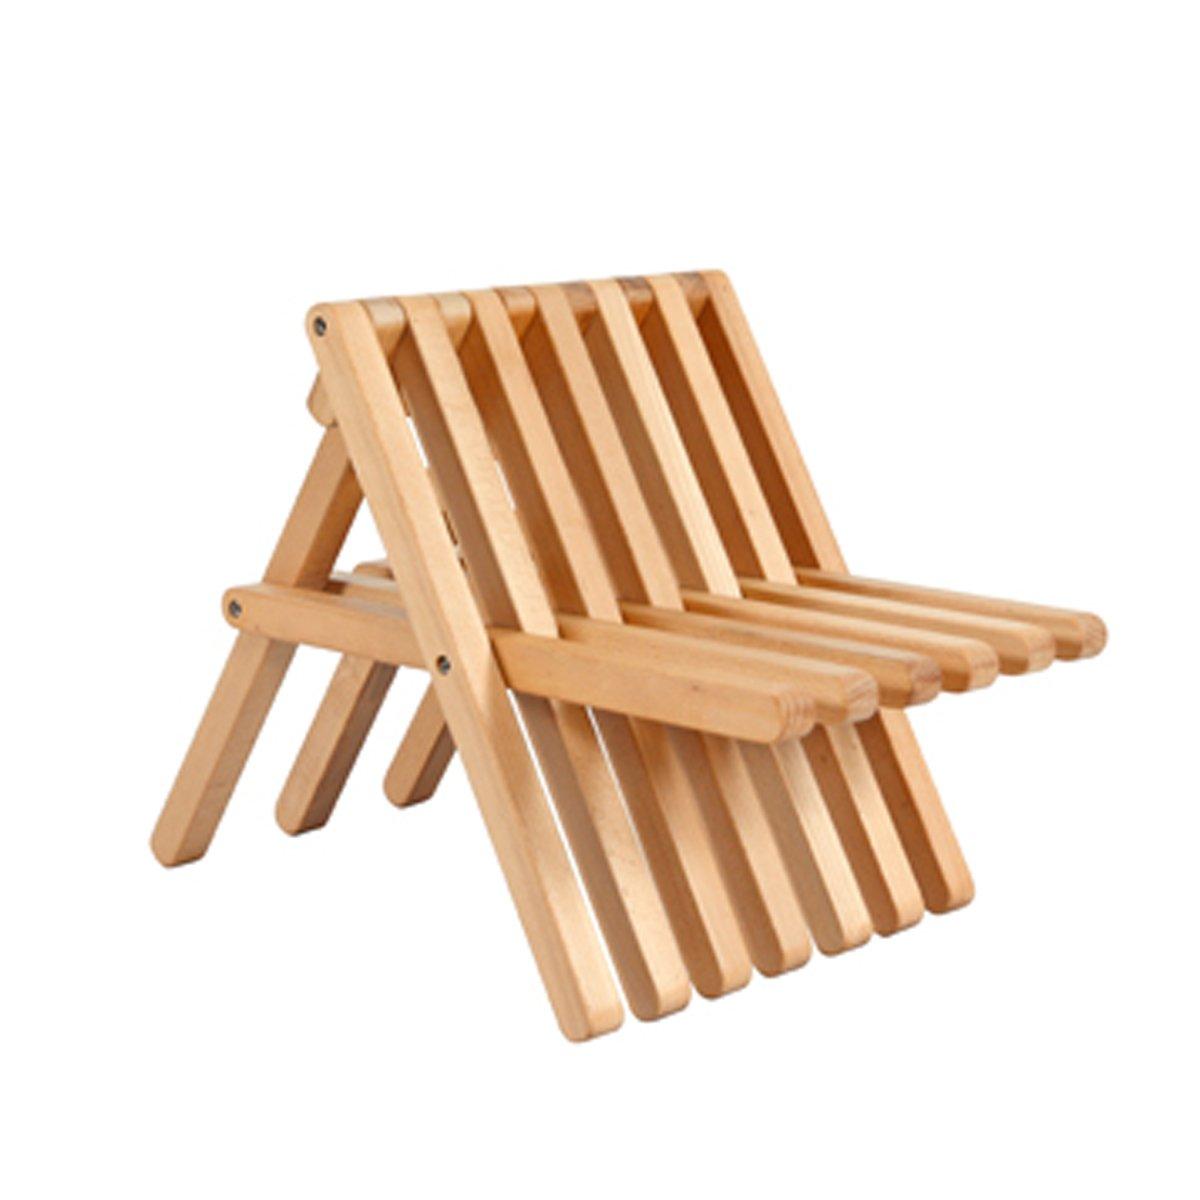 [SJSJ-AX Stuhl] Art Design, Kinderstühle, einfach und langlebig